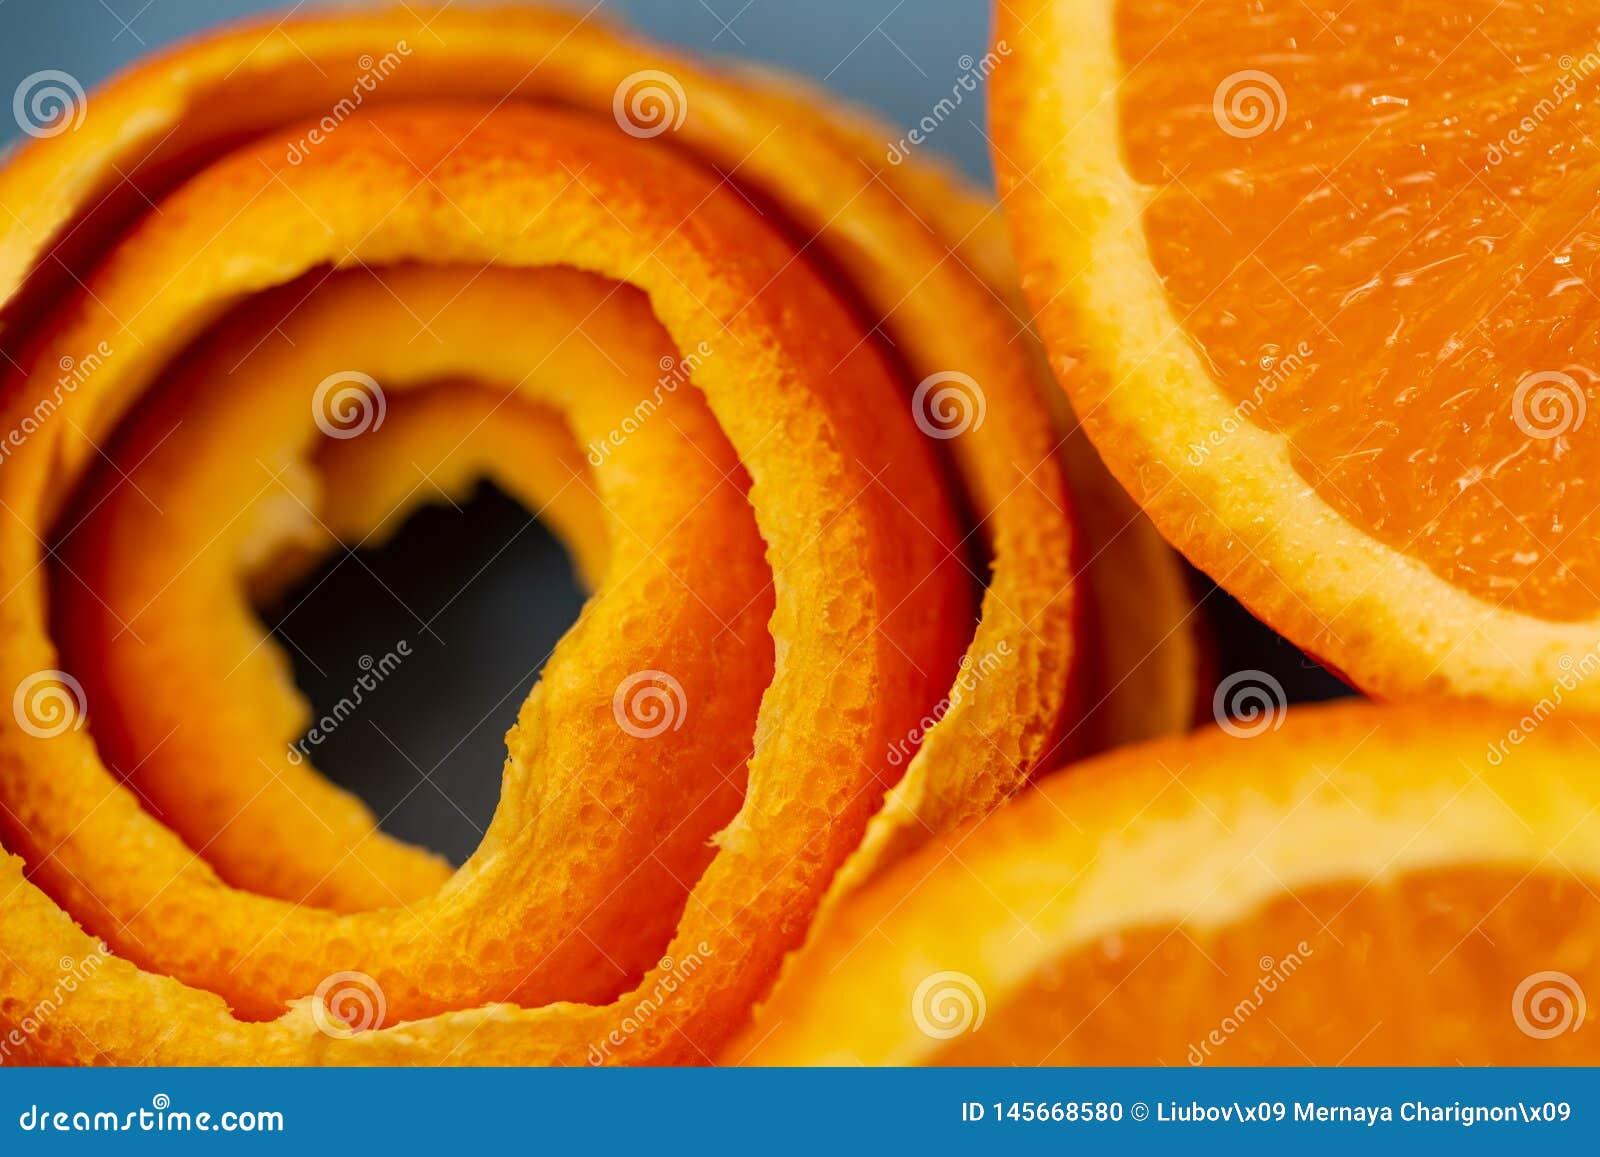 Υπόβαθρο με τα εσπεριδοειδή φρούτων ένα πορτοκάλι και μια φλούδα ή κομμάτια tangerine Μακρο εικόνα